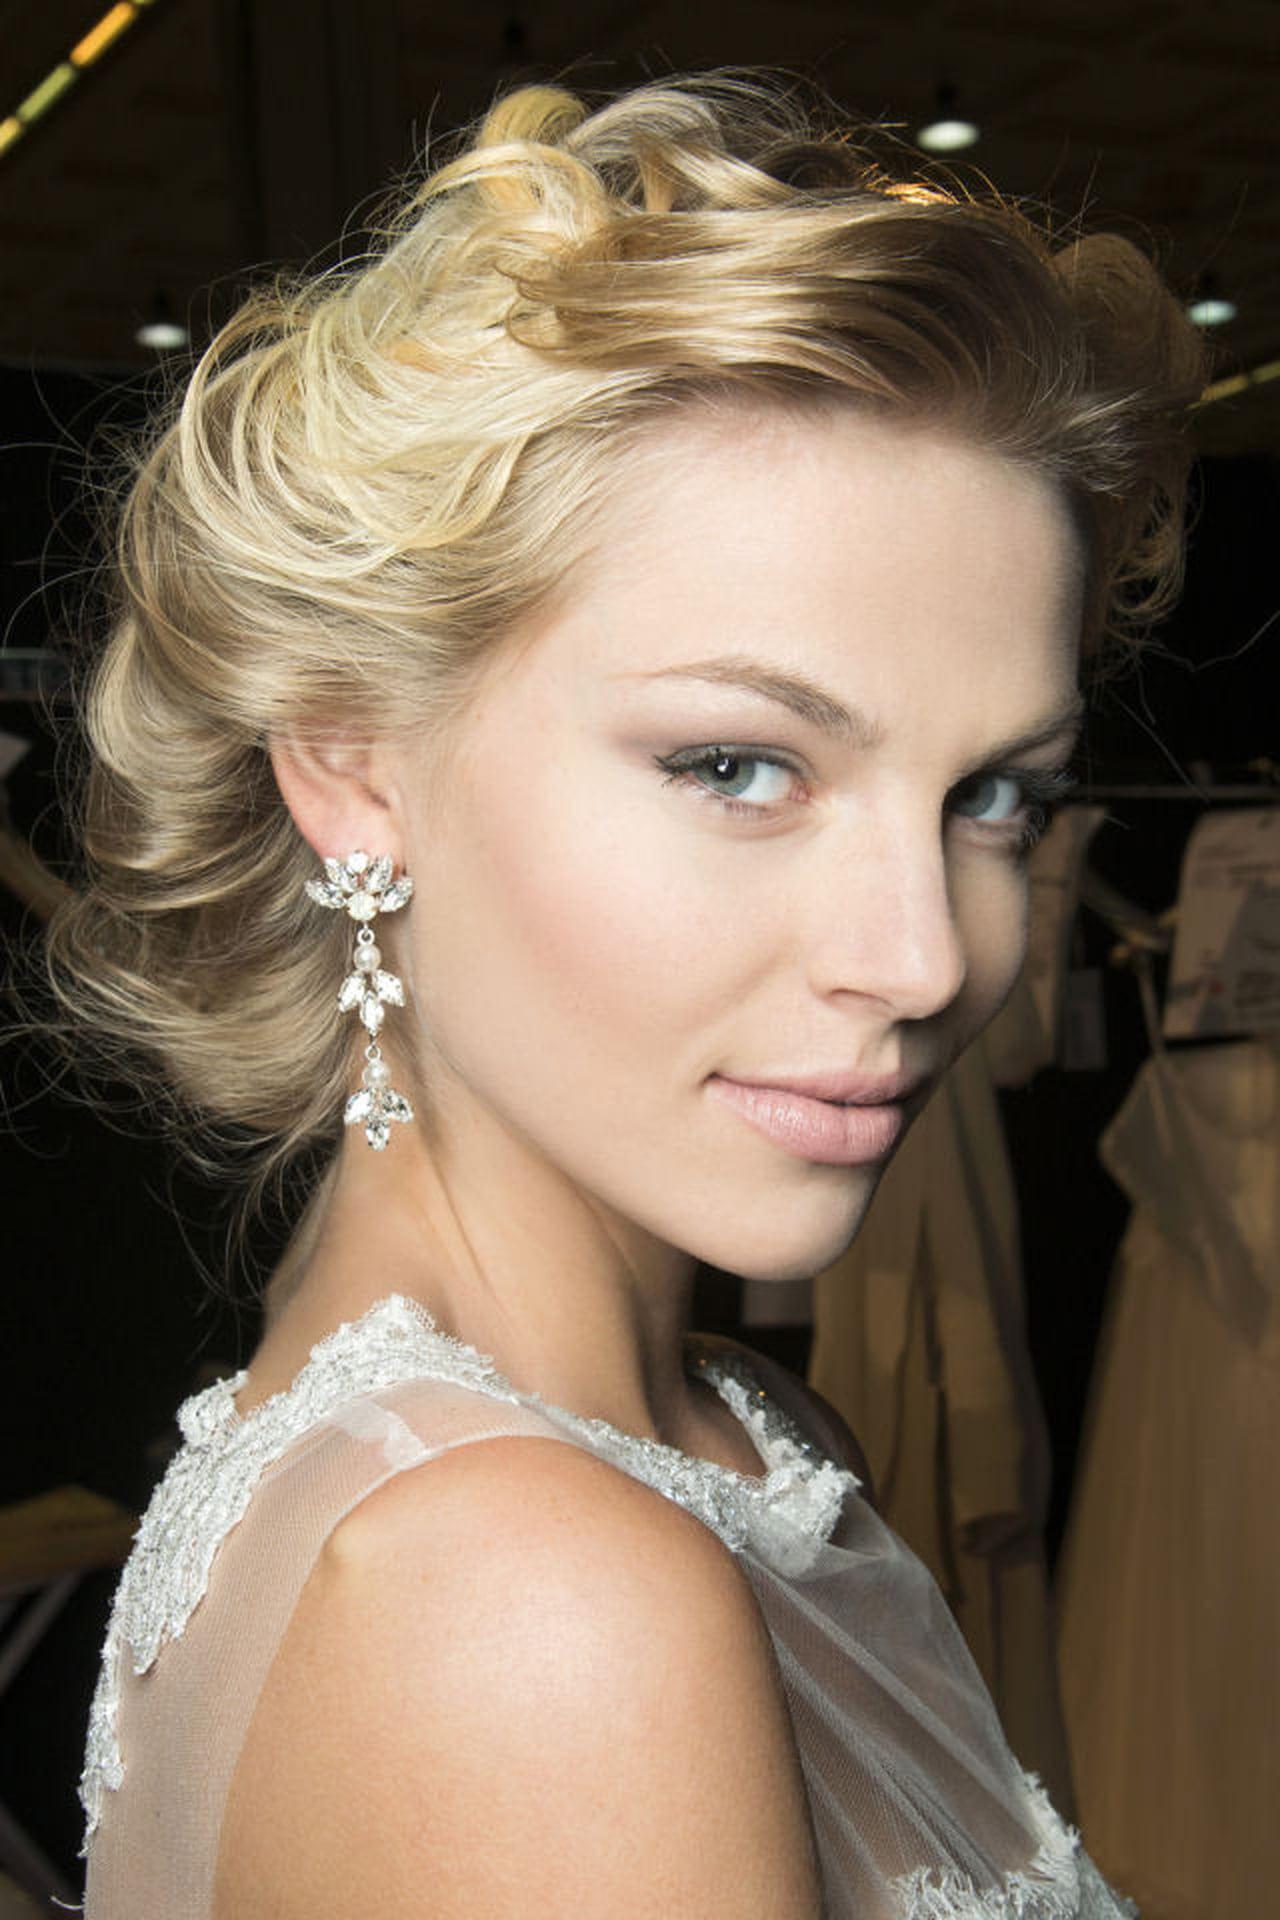 Acconciature sposa capelli lunghi: idee semplici da ...